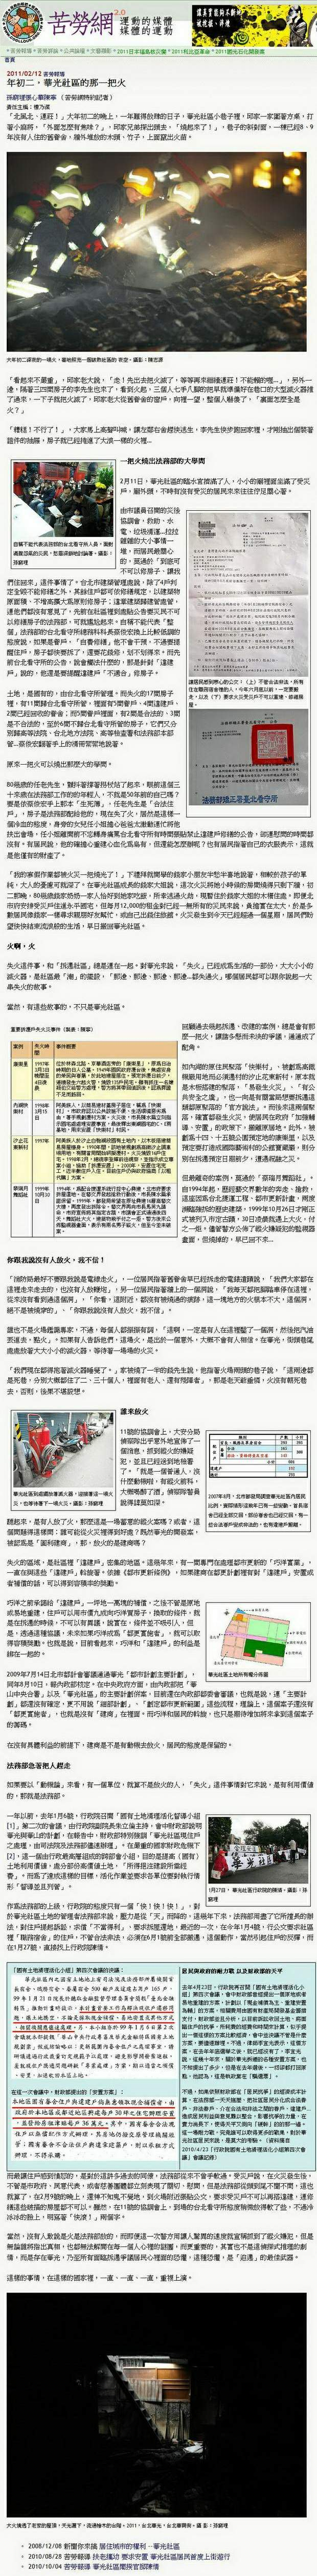 年初二,華光社區的那一把火-2011.02.12.jpg